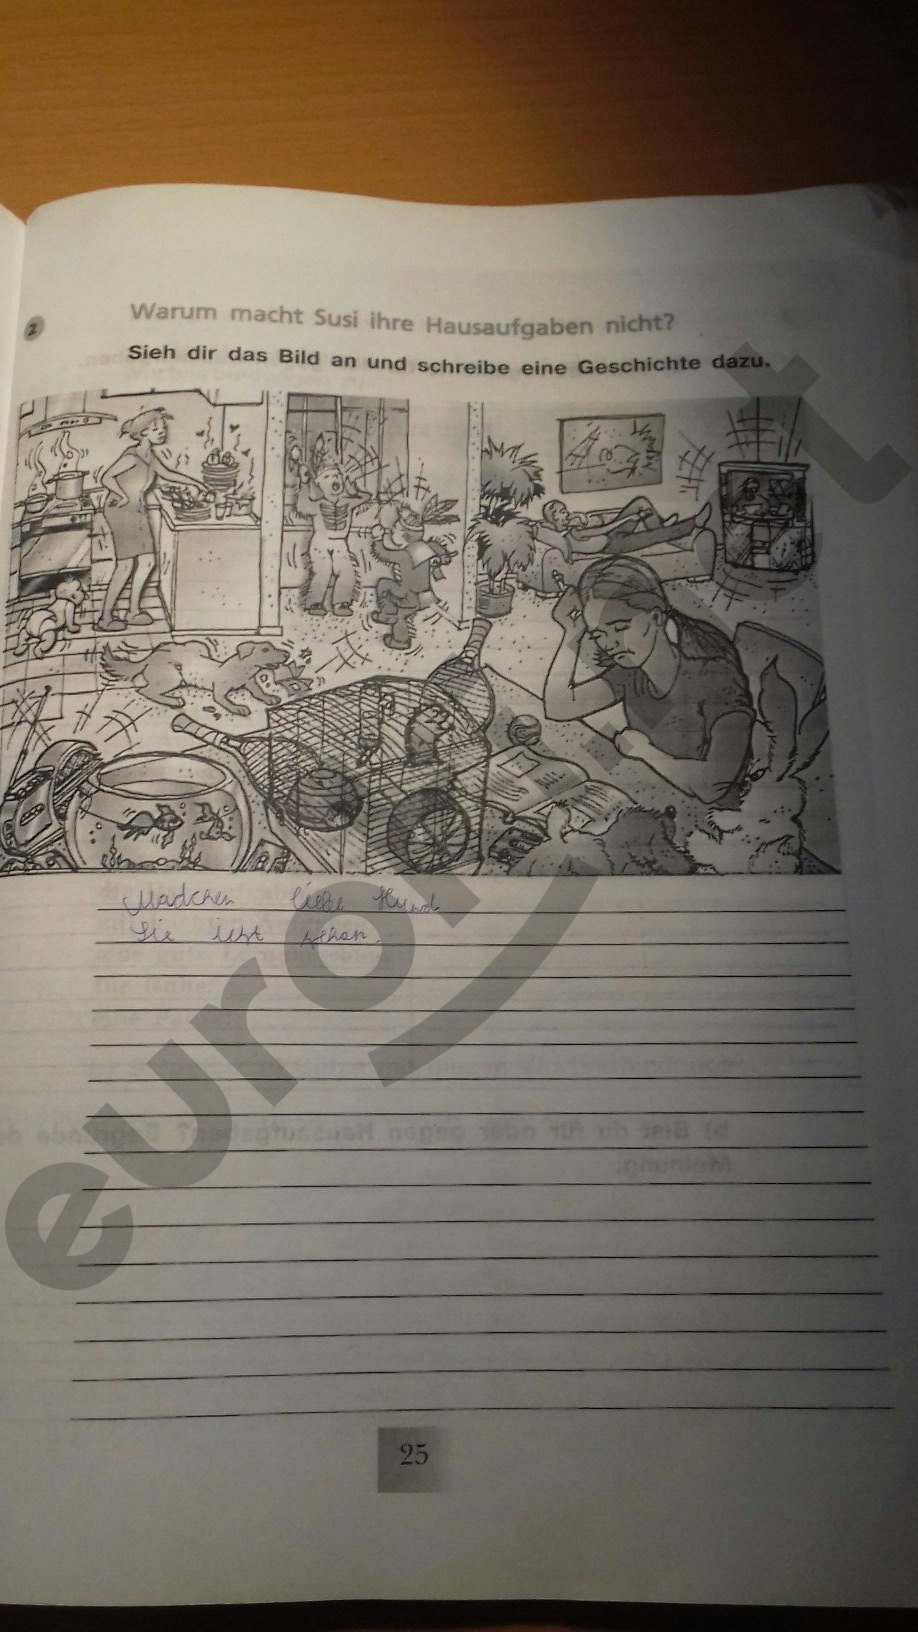 ГДЗ по немецкому языку 6 класс рабочая тетрадь Артемова. Задание: стр. 25